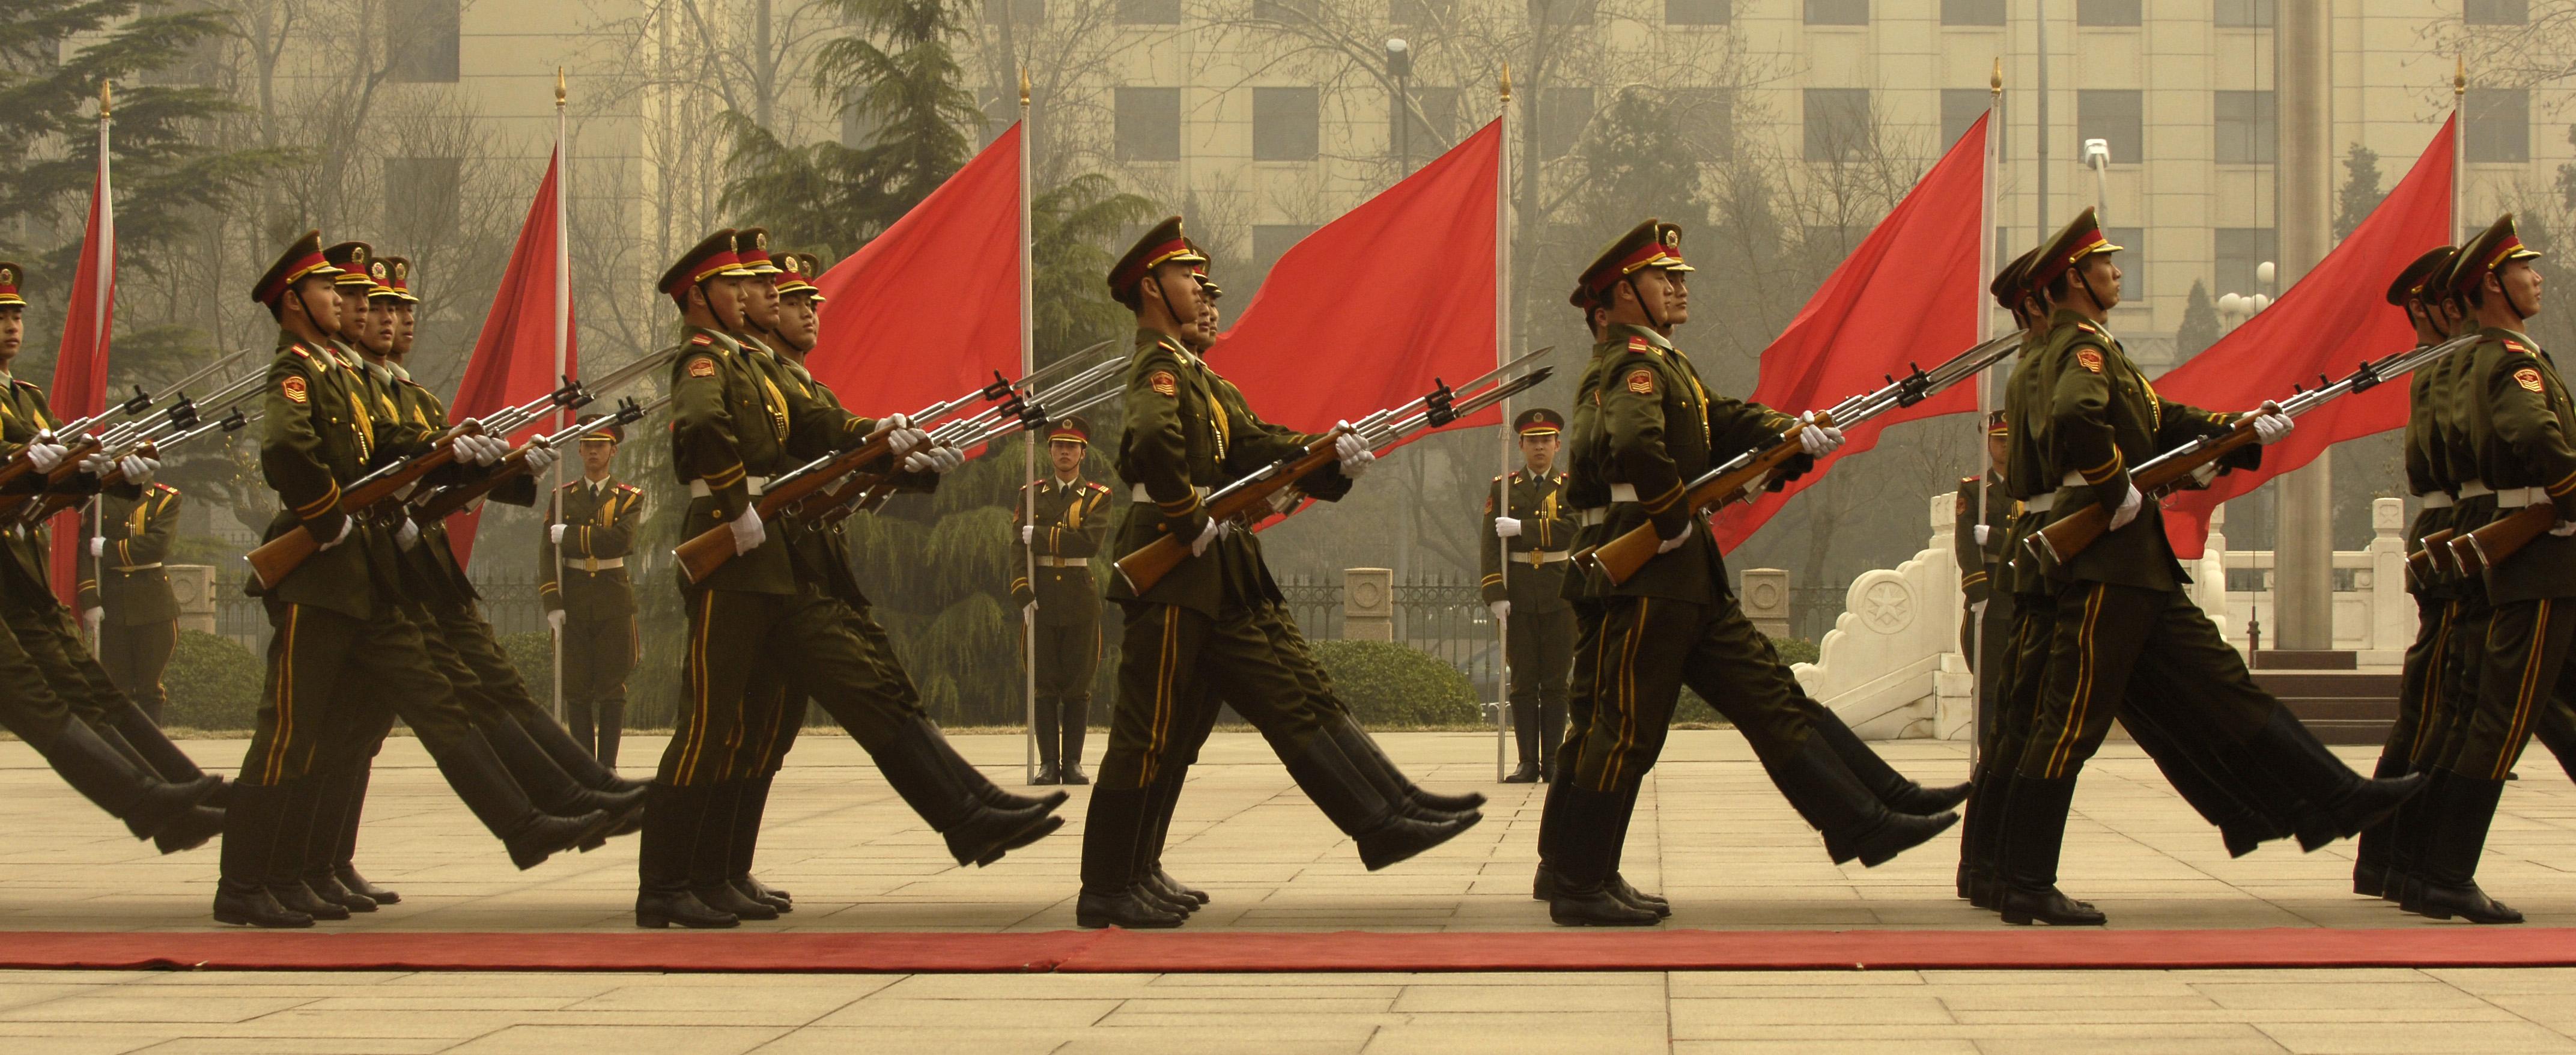 Uniform-Menschen im Gleichschritt und mit Roten Fahnen